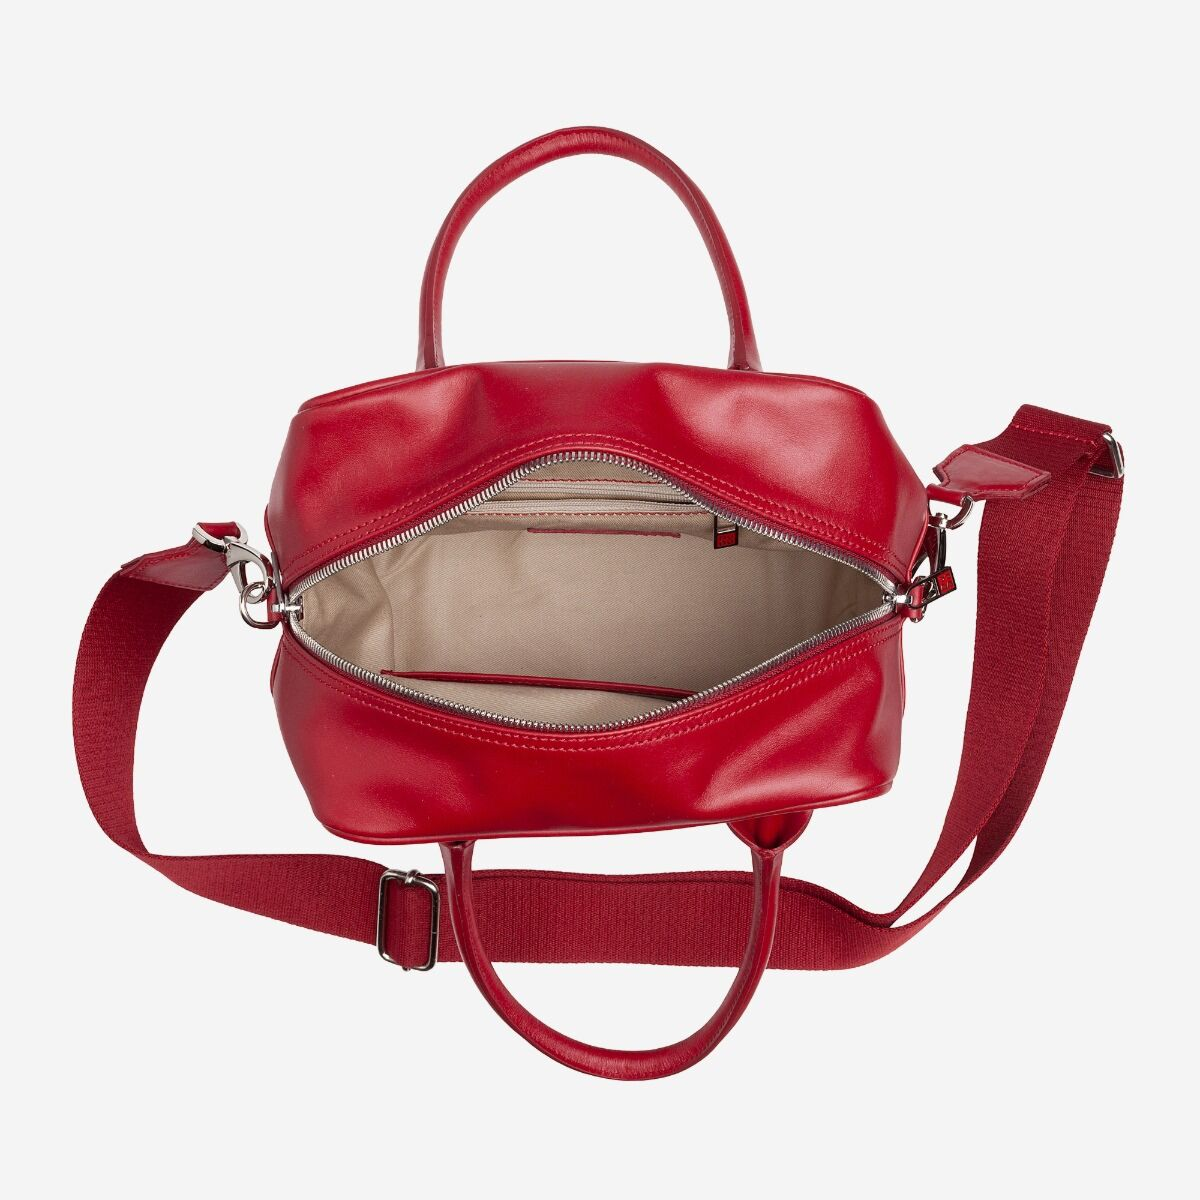 borsa bauletto donna con tracolla in pelle